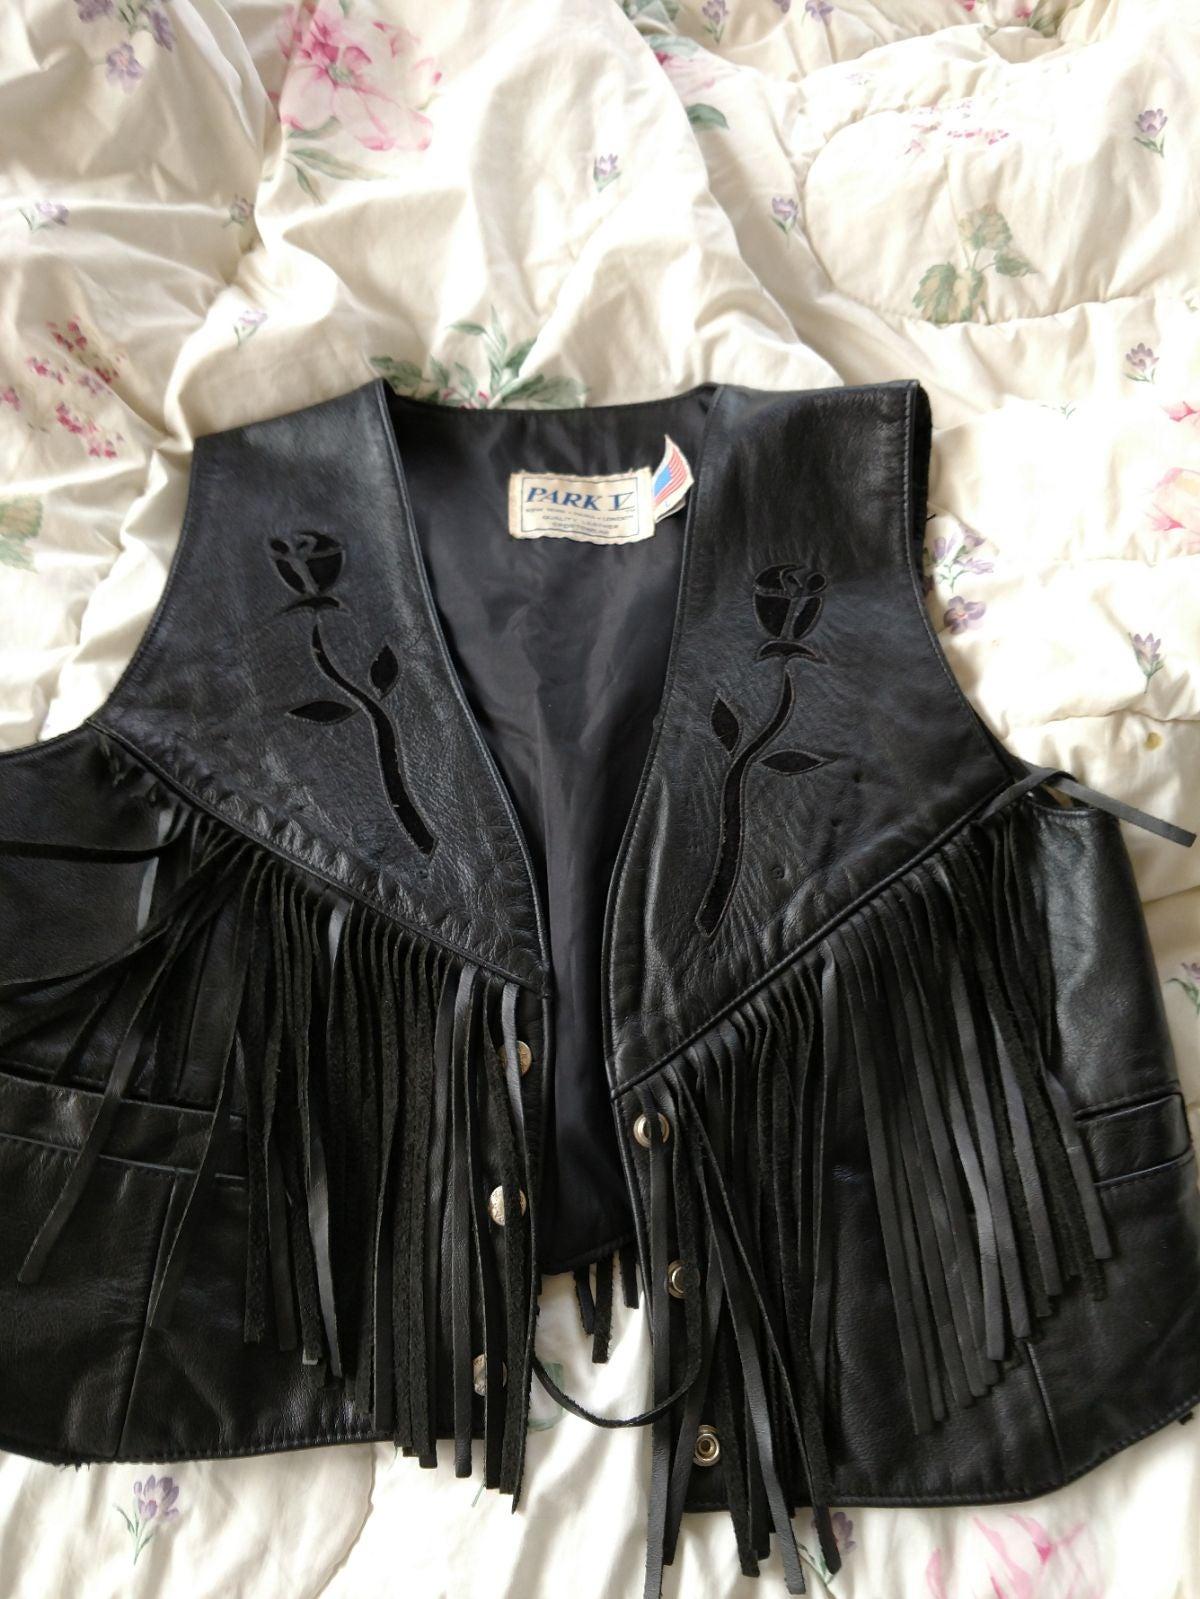 Woman's black leather vest